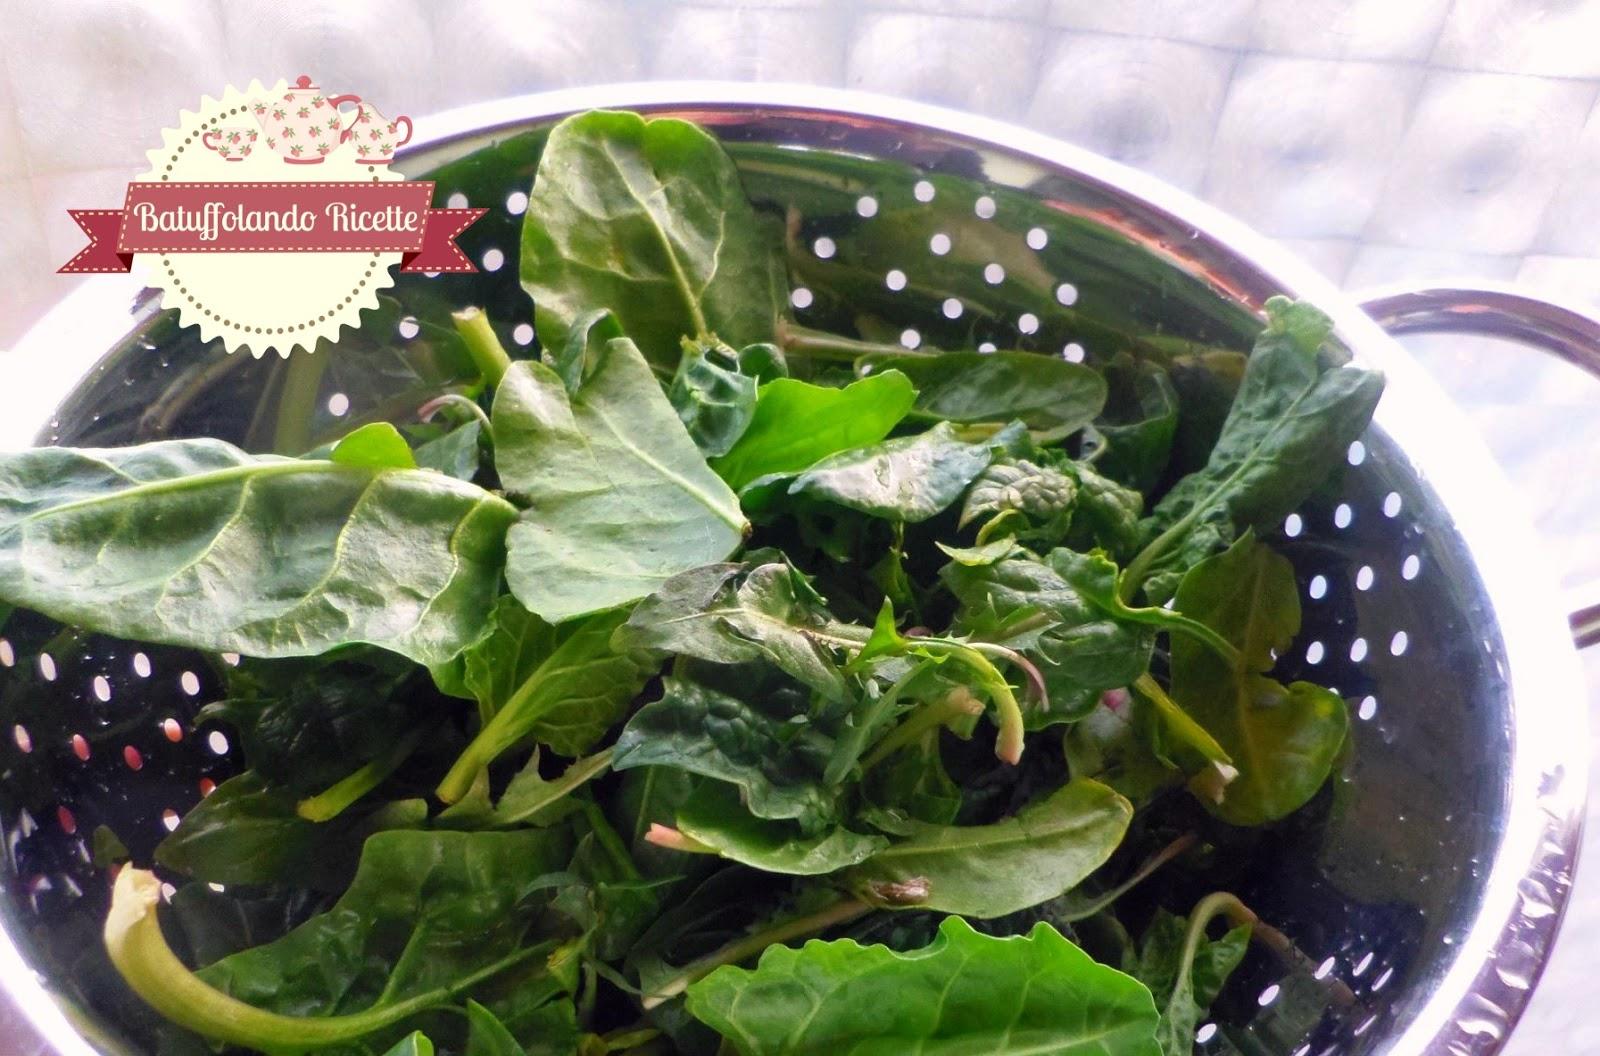 Polpettine di spinaci e ricotta all'origano